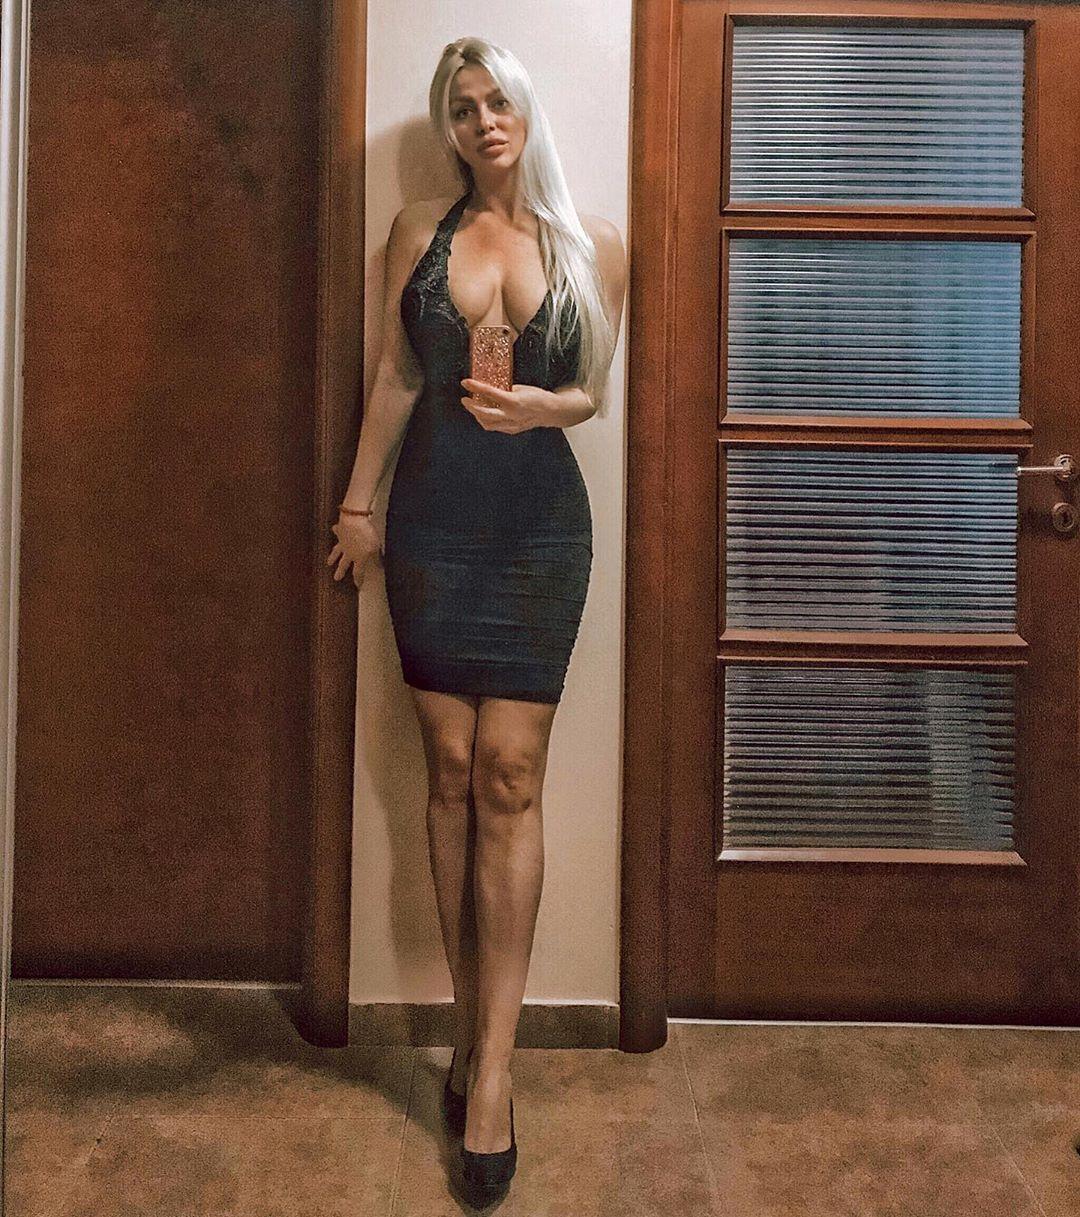 Co myślisz? • • • # #highheels #heels #platgorm #toptags #fashion #style ... -   #fashion #heels #highheels #myślisz #platgorm #shoestagram #shoestyle #style #toptags #womenshoes